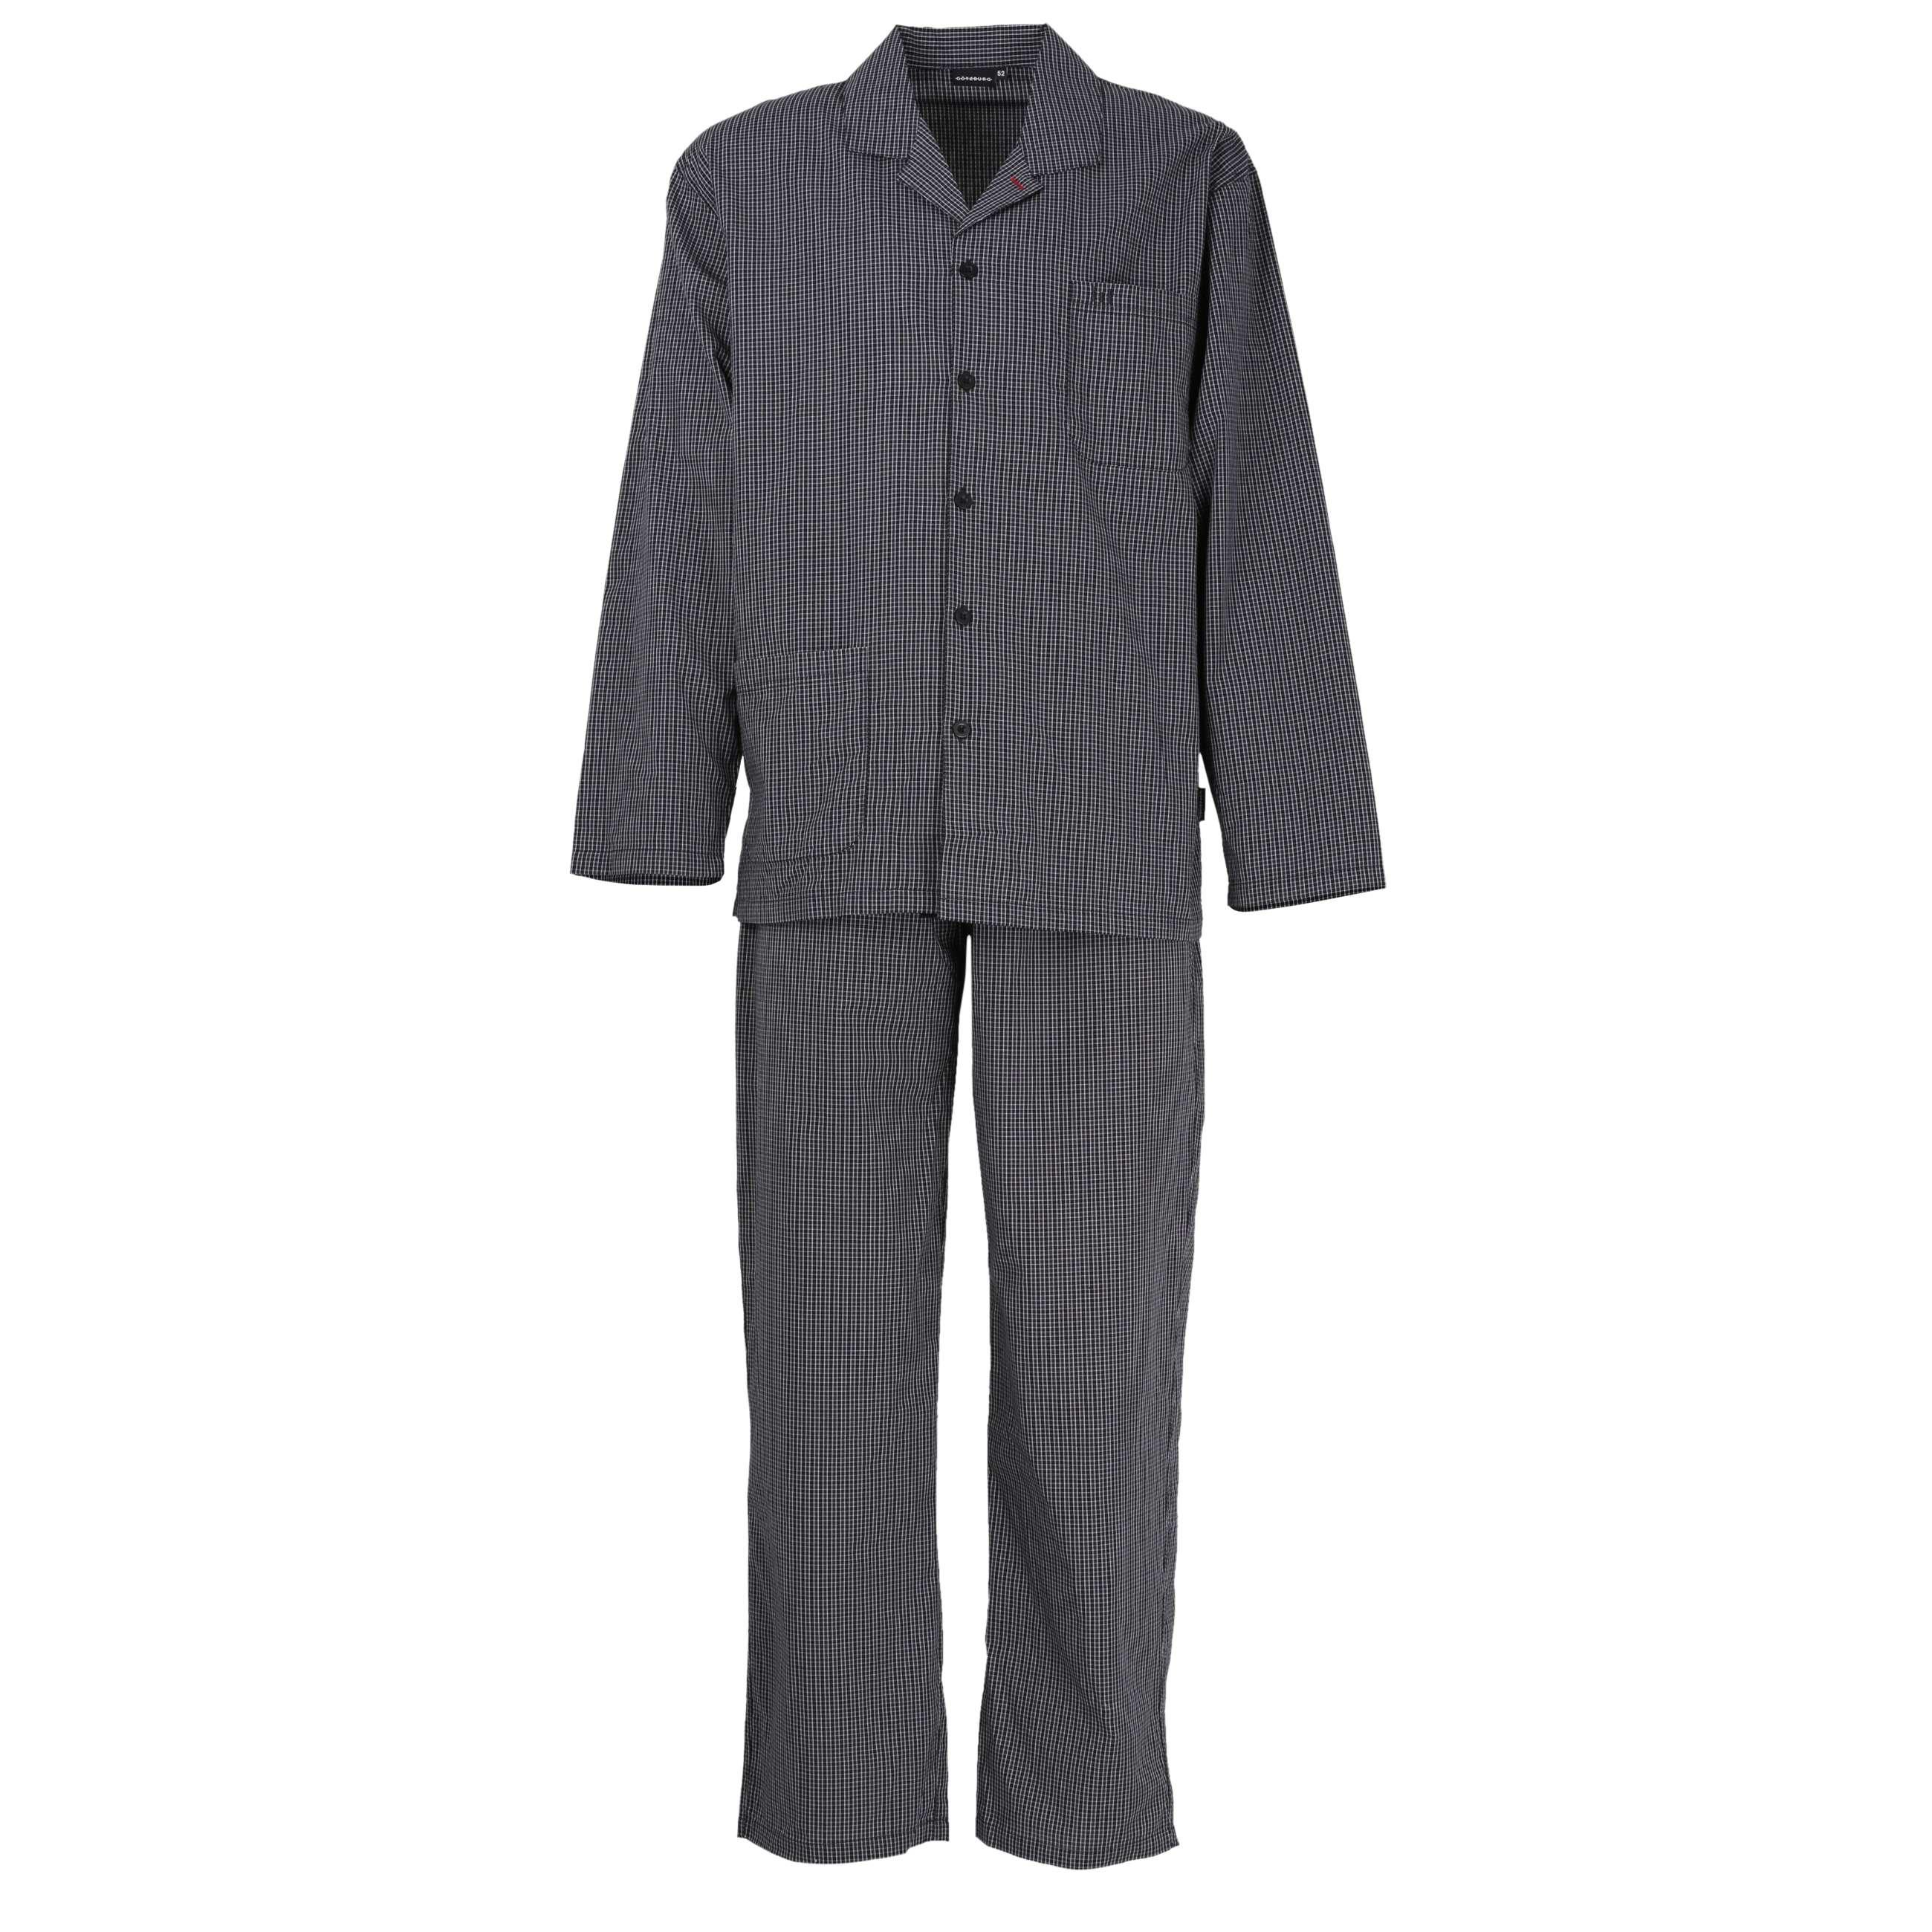 spätester Verkauf verkauft Geschäft GÖTZBURG Herren Pyjama schwarz kariert 1er Pack jetzt kaufen